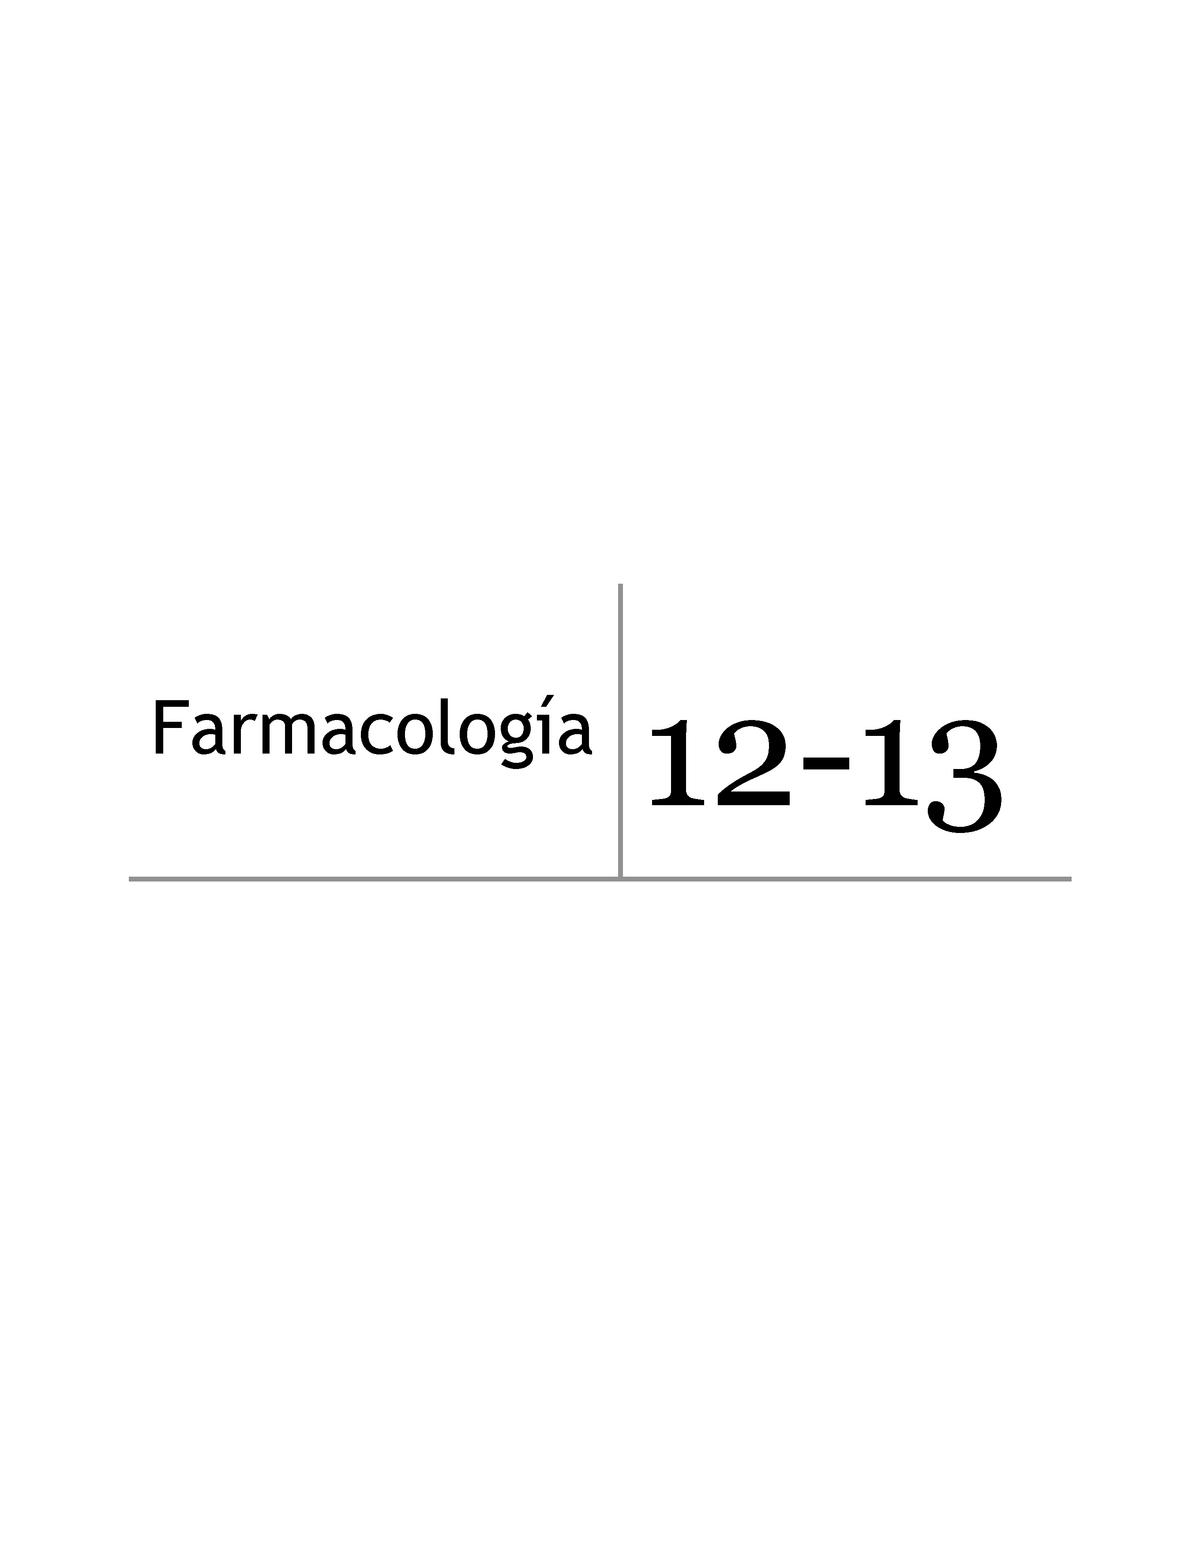 Farmacologia Farmacología General Uex Studocu